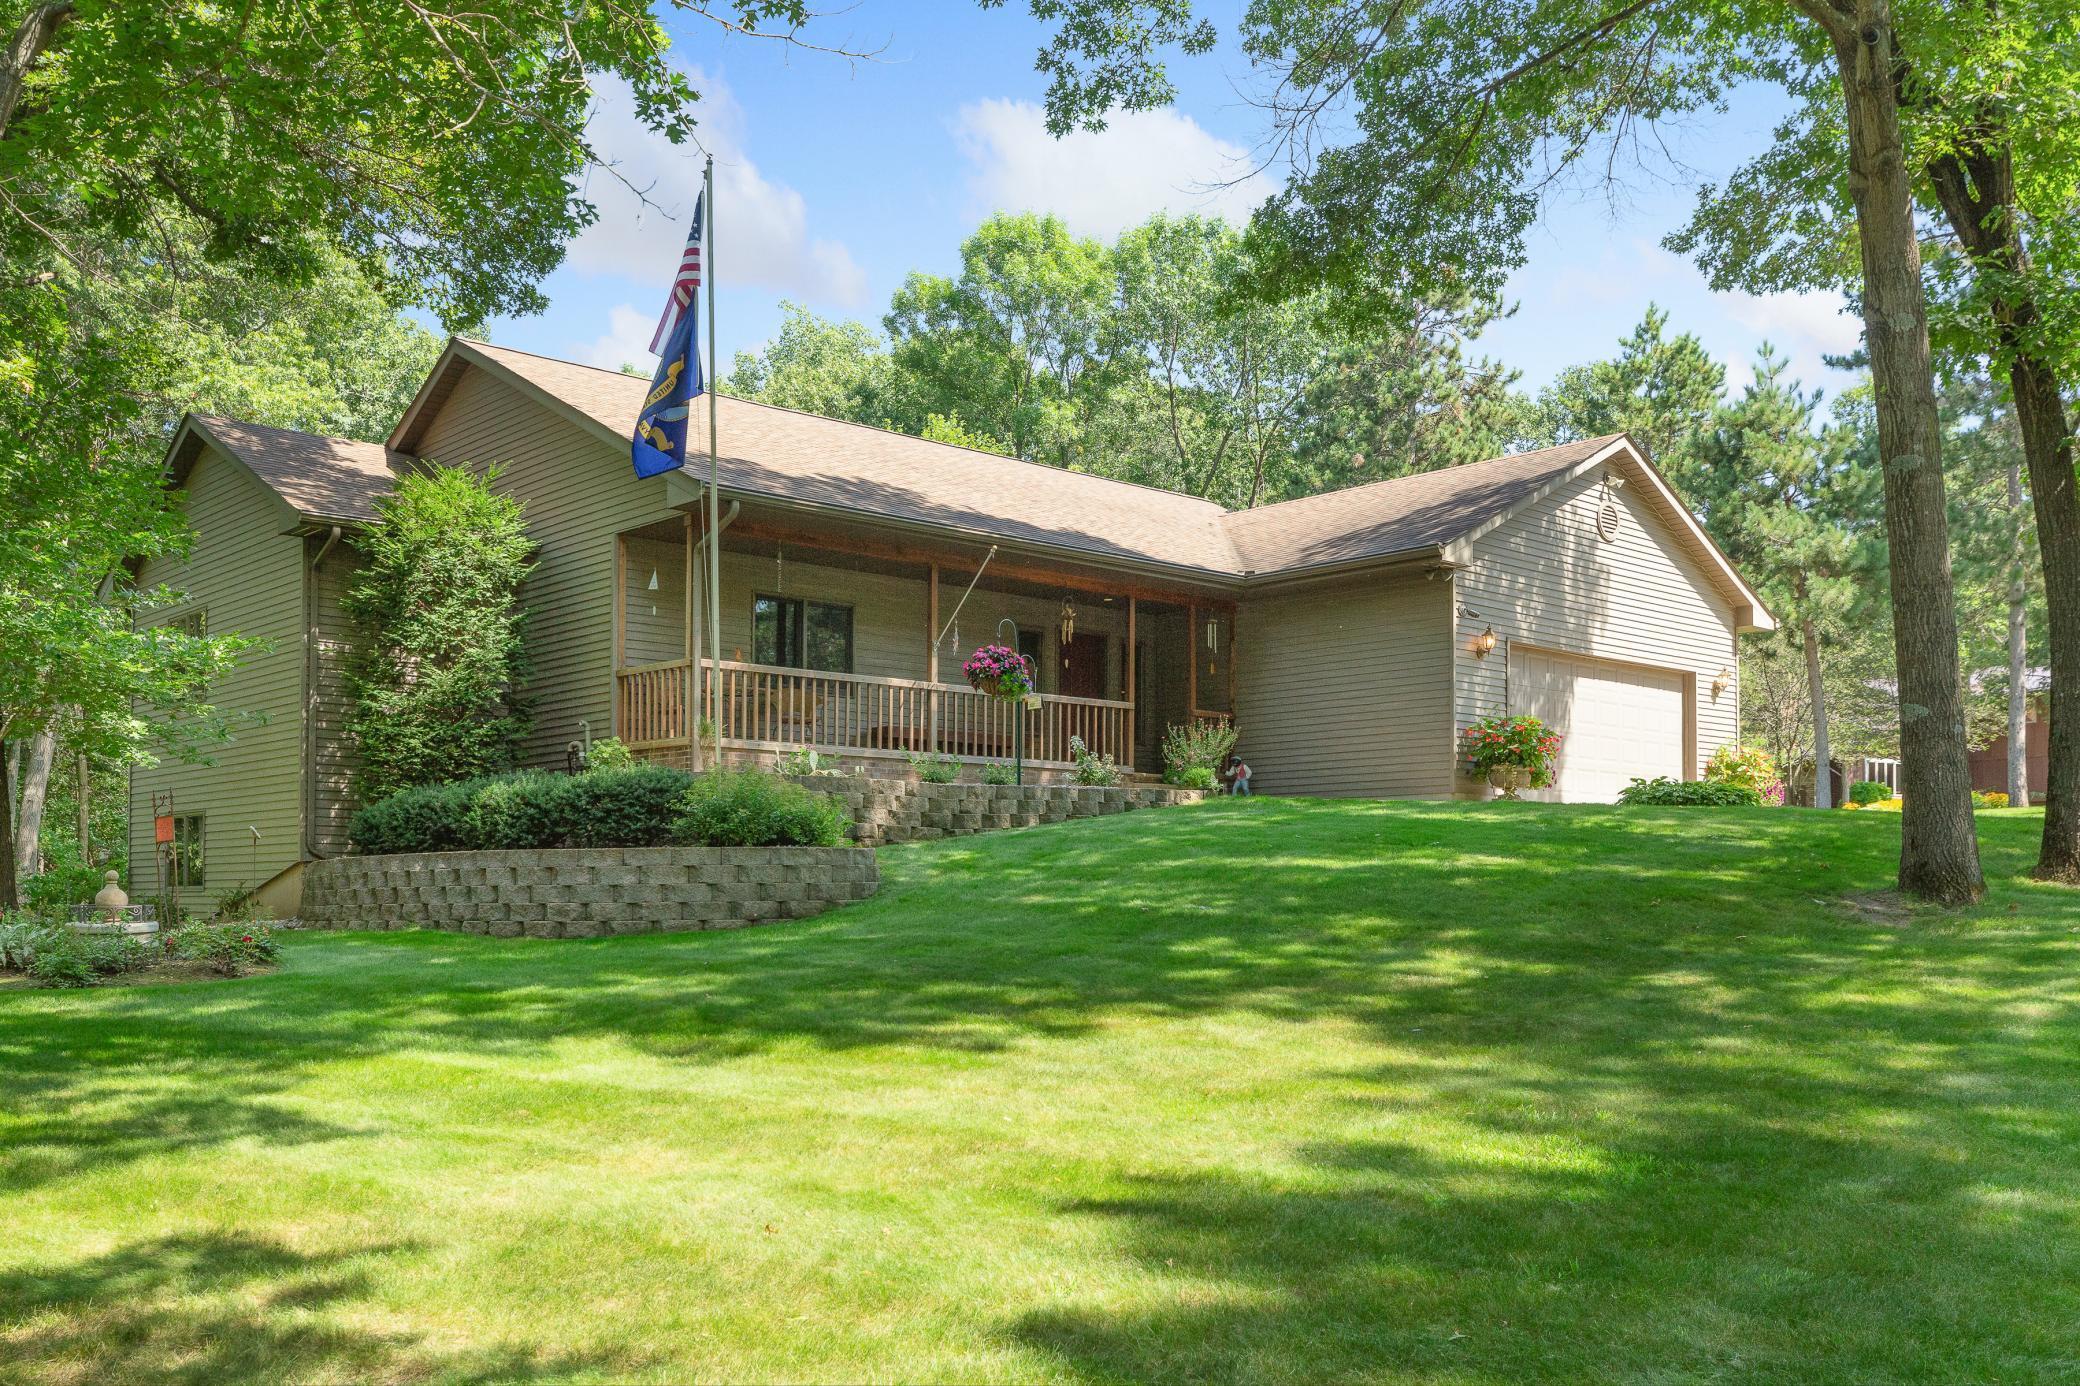 N5018 1208th Street Property Photo - Oak Grove Twp, WI real estate listing